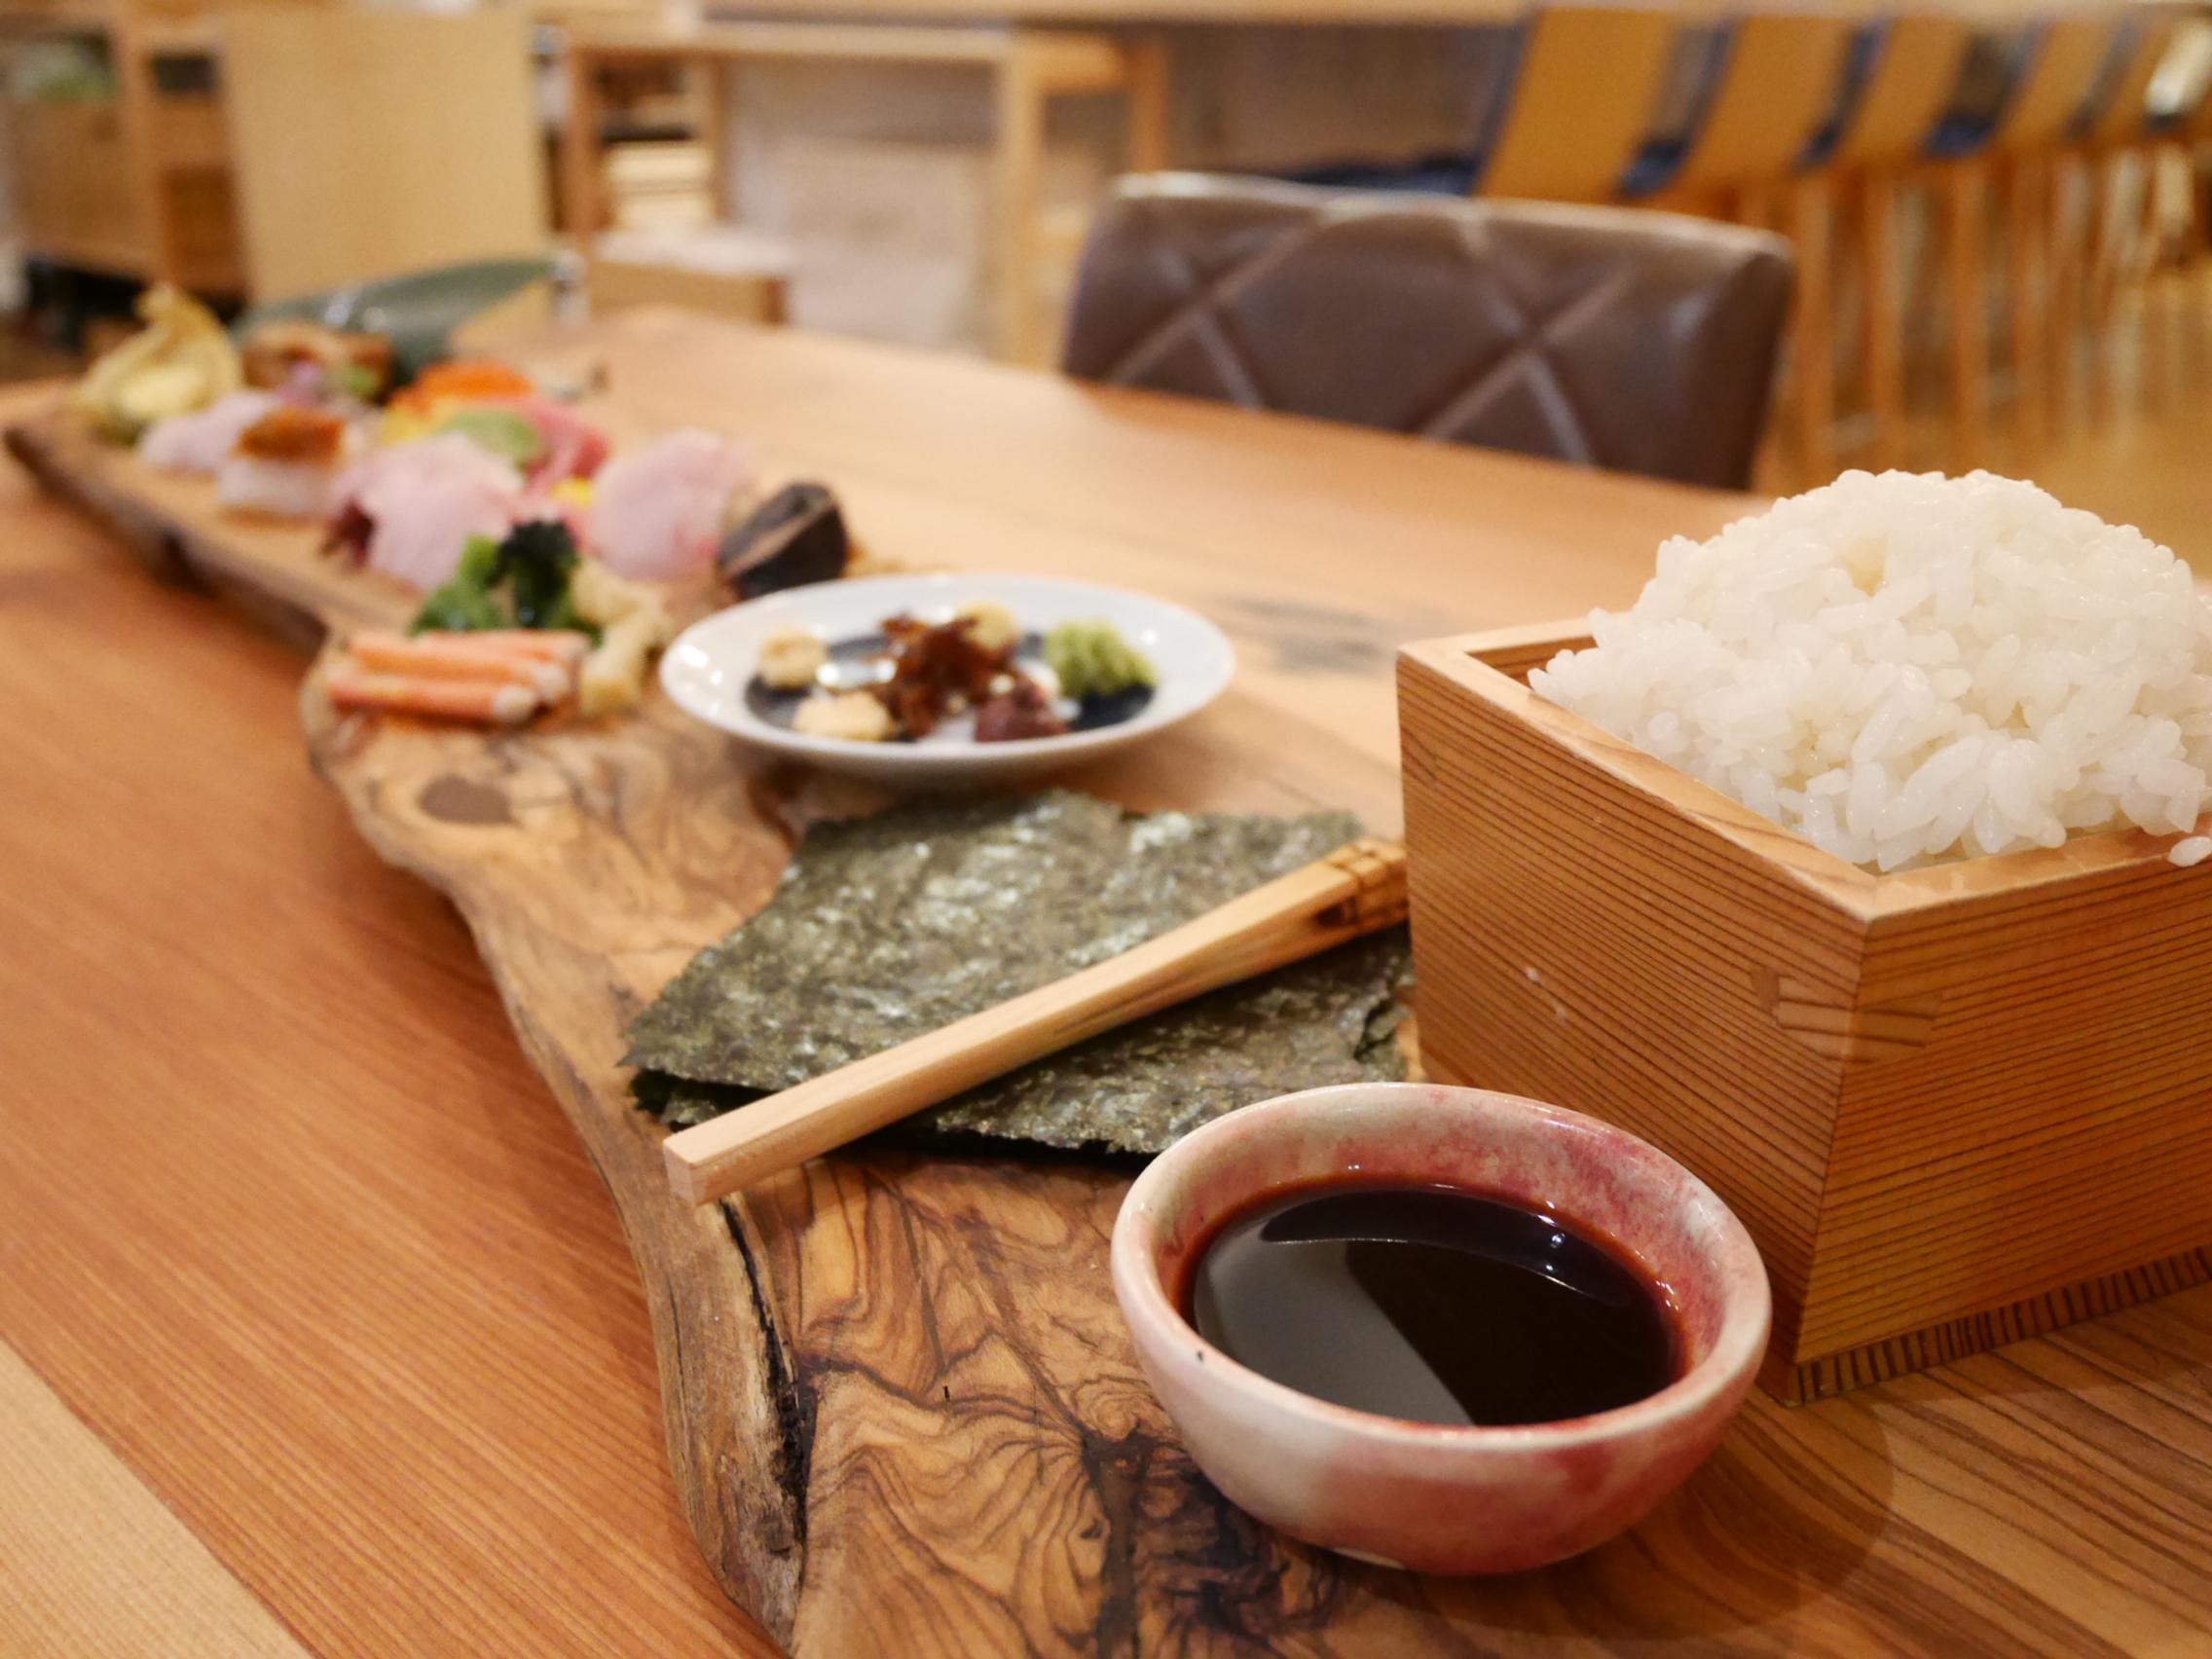 自分で巻くから楽しい♪江戸前手巻き寿司 O・MO・TE・MA・KI